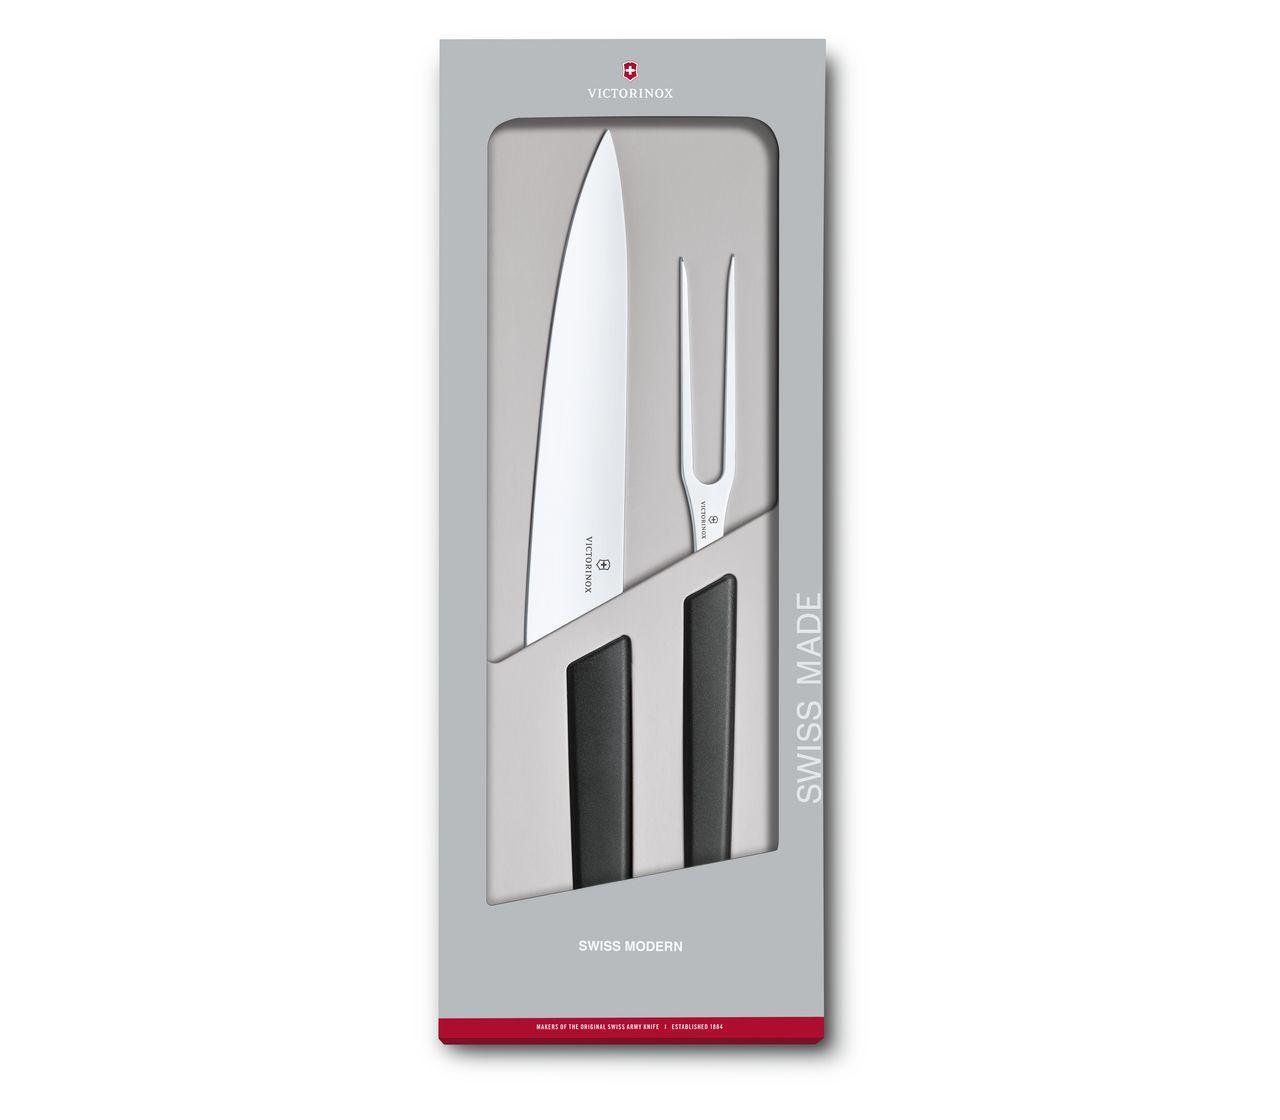 sp/ülmaschinengeeignet weintrauben-rot gerader Schliff Stahl 22cm rostfrei Victorinox 6.9016.221B Swiss Modern Tranchiermesser Fleisch schneiden